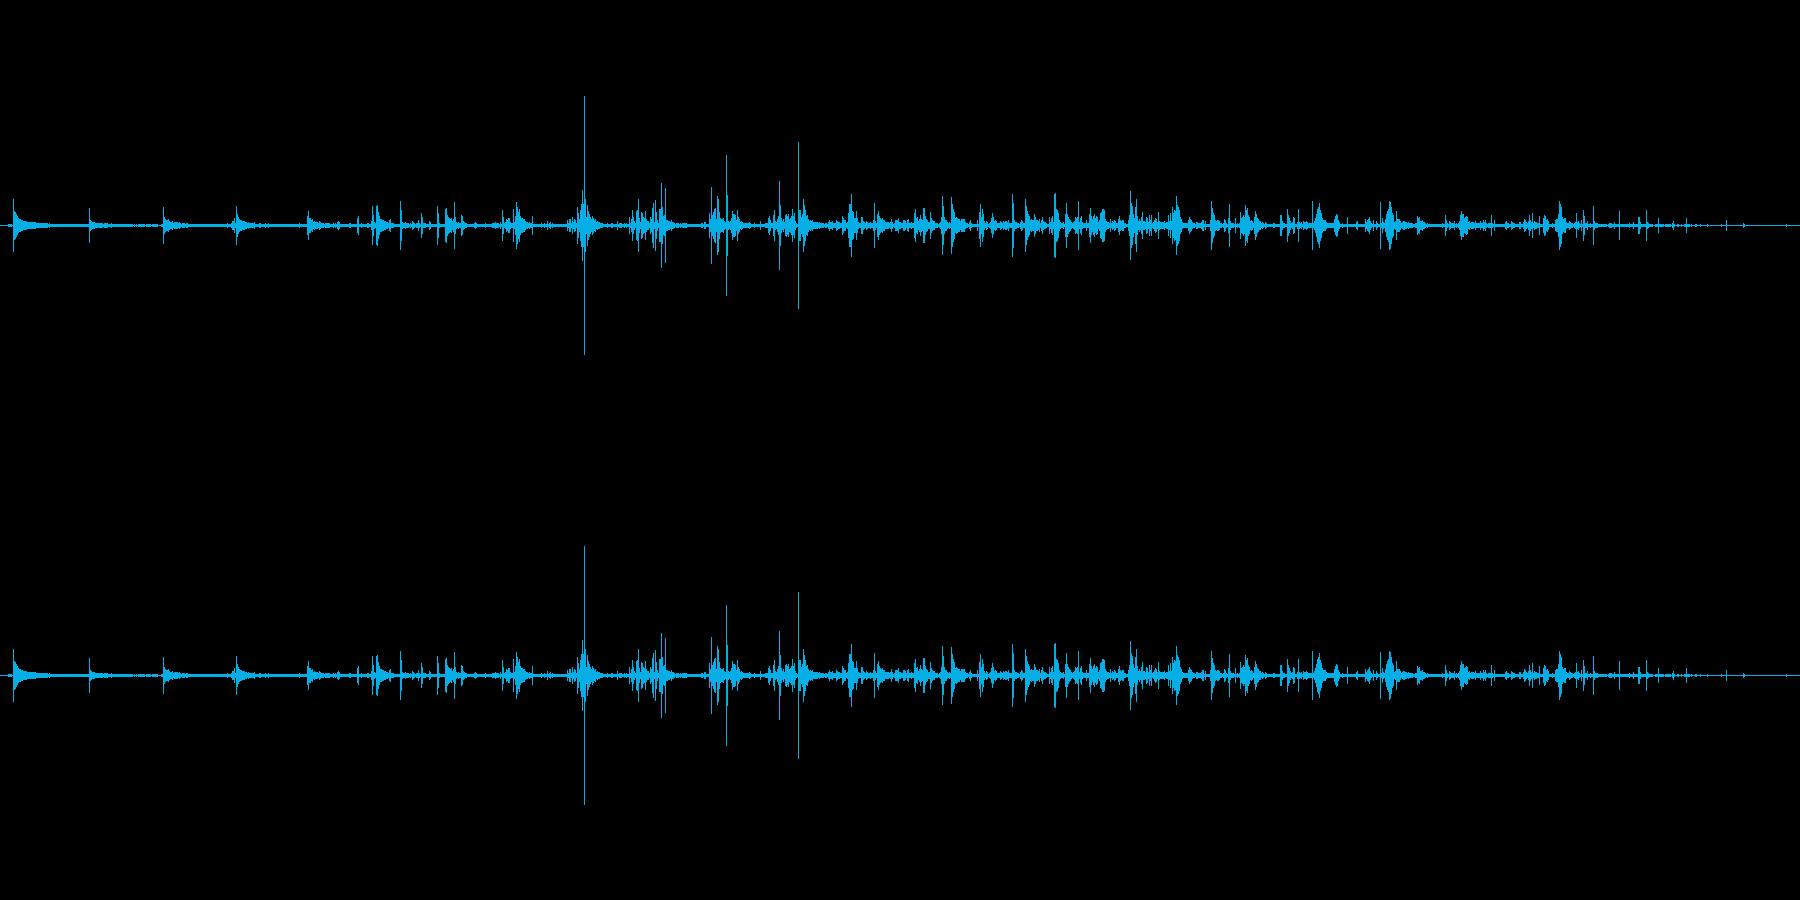 トクトクトク_日本酒を注ぐ音の再生済みの波形